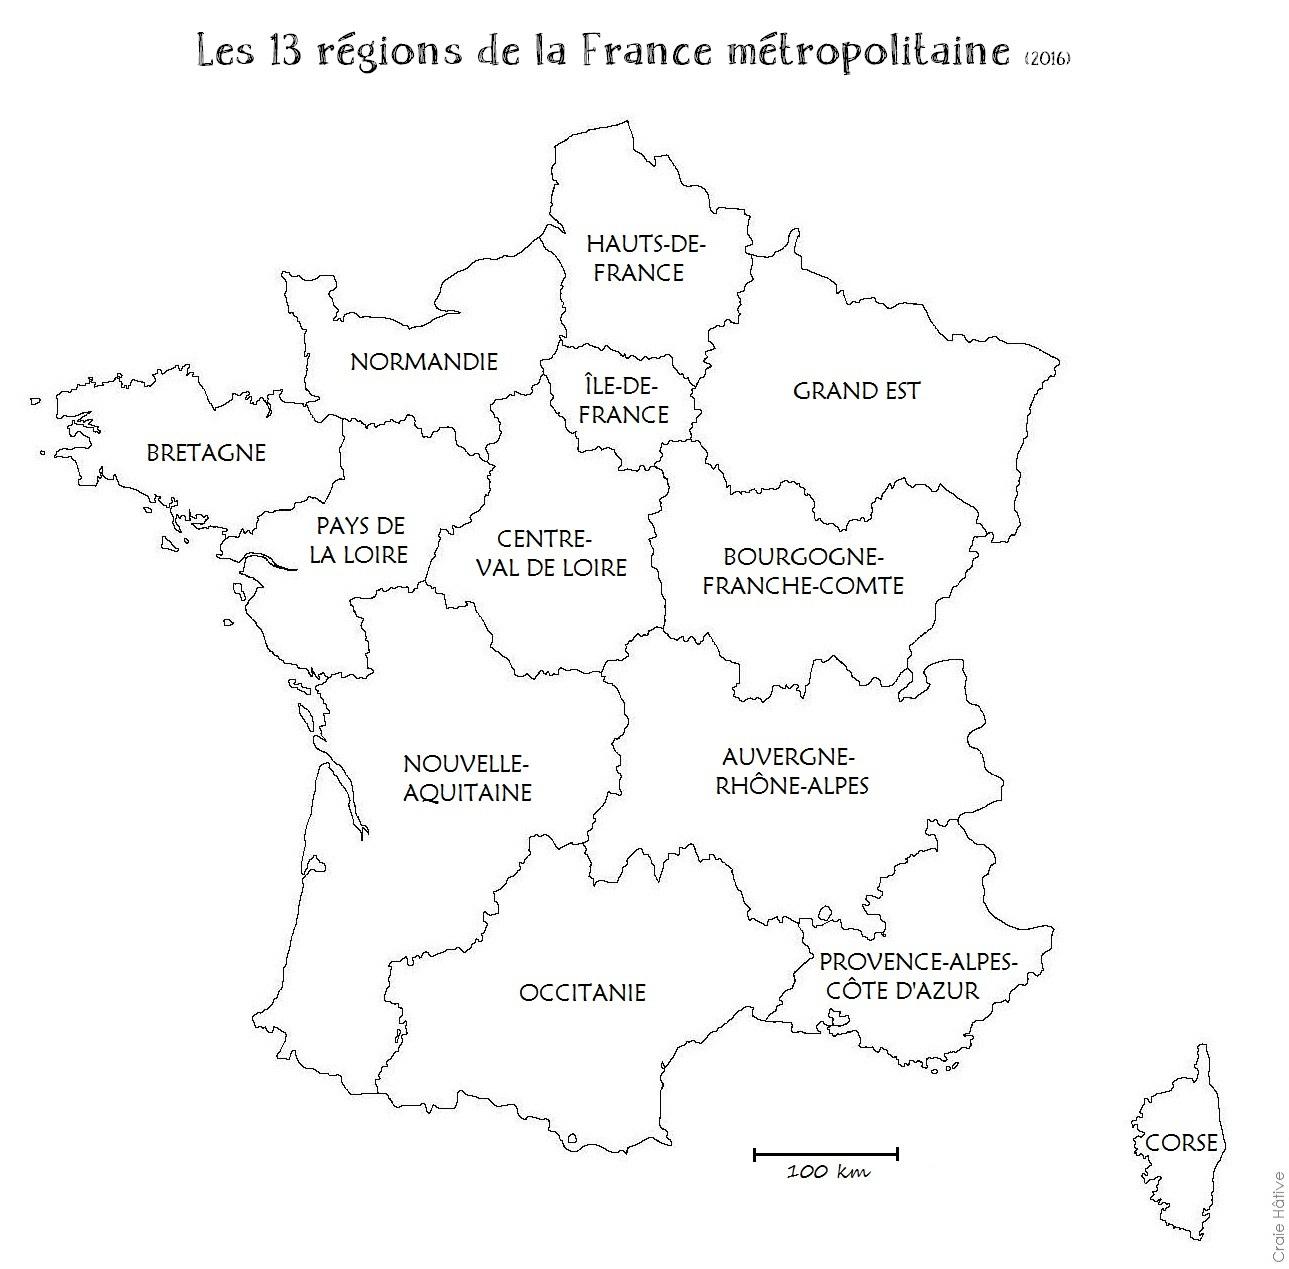 Cartes Des Régions De La France Métropolitaine - 2016 concernant Carte France Département Vierge